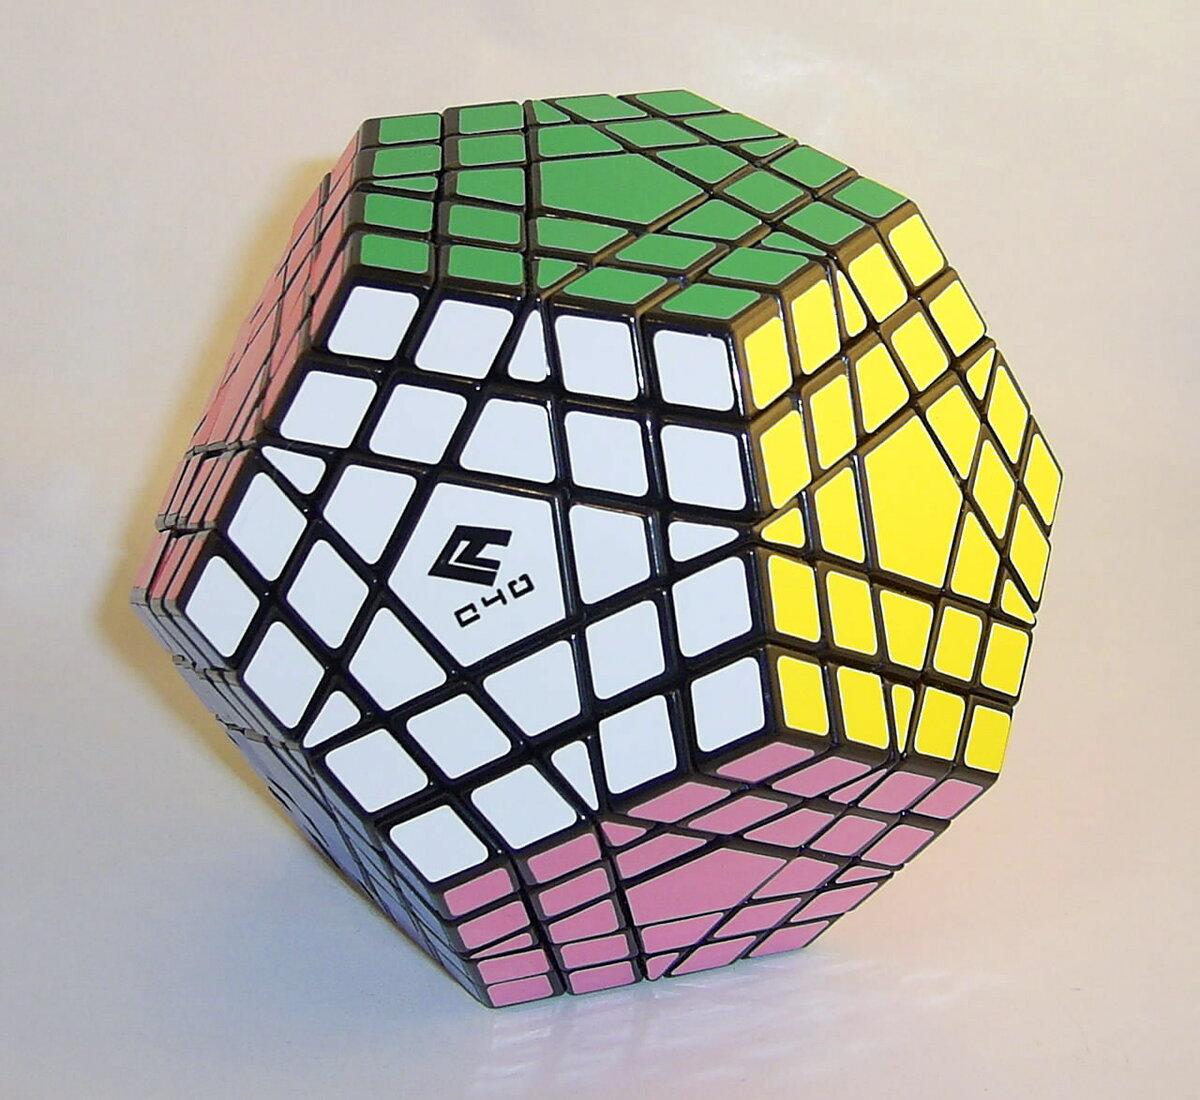 кубик-рубик грани картинки его творчество сложно